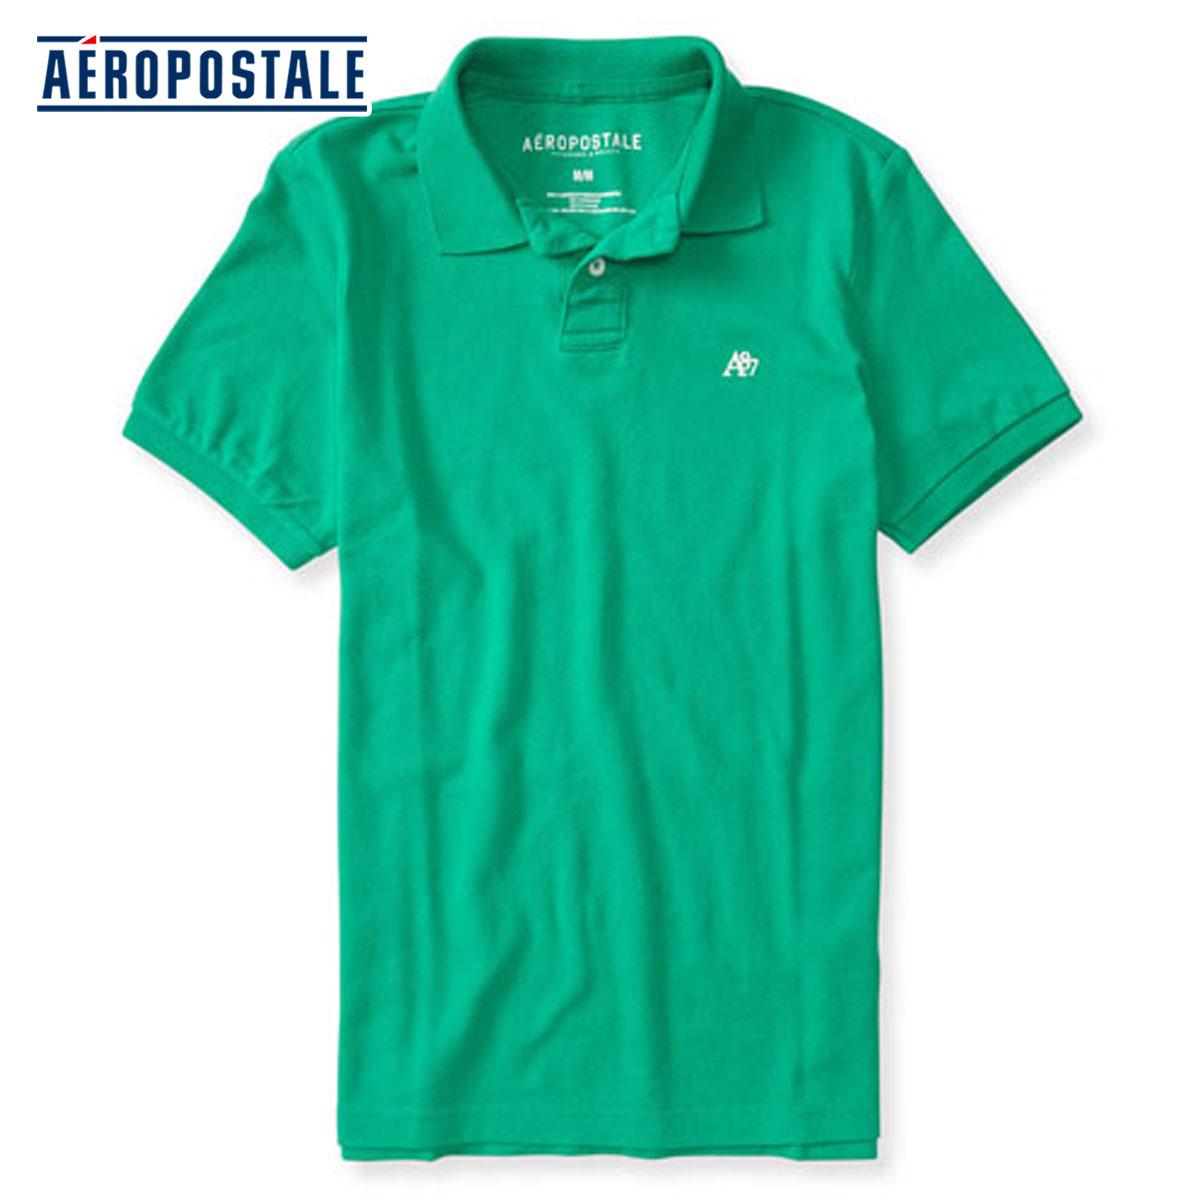 daa390d8871 AeroPOS tail AEROPOSTALE regular article men short sleeves polo shirt A87  Solid Logo Pique Polo 4289 ...